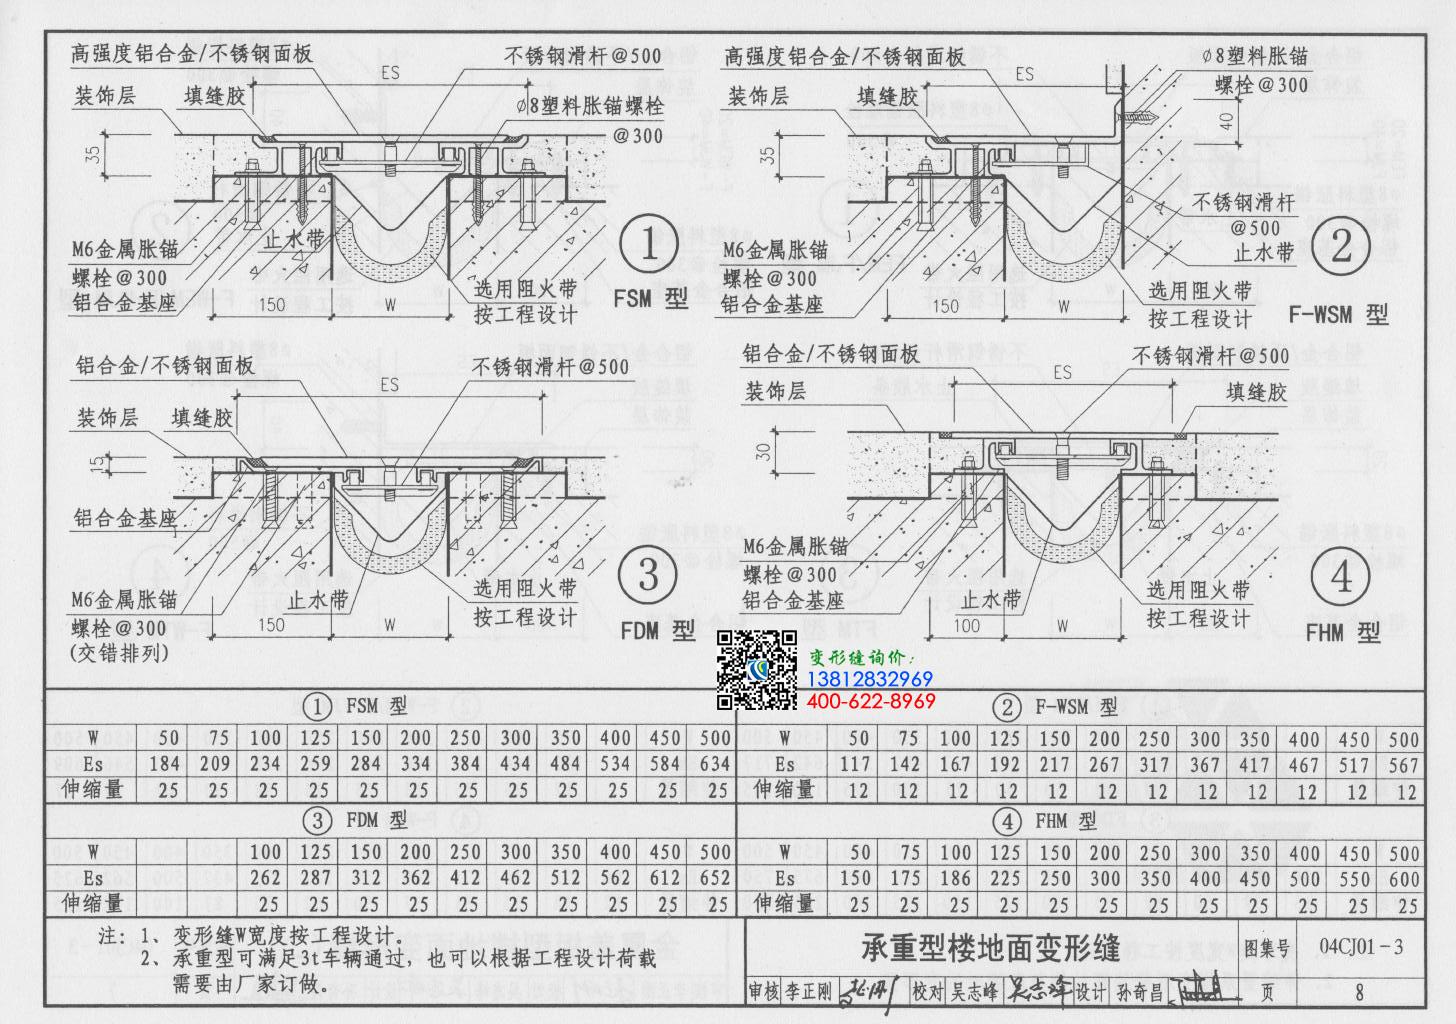 伸缩缝图集04cj01-3第8页:金属盖板型楼地面变形缝(二)